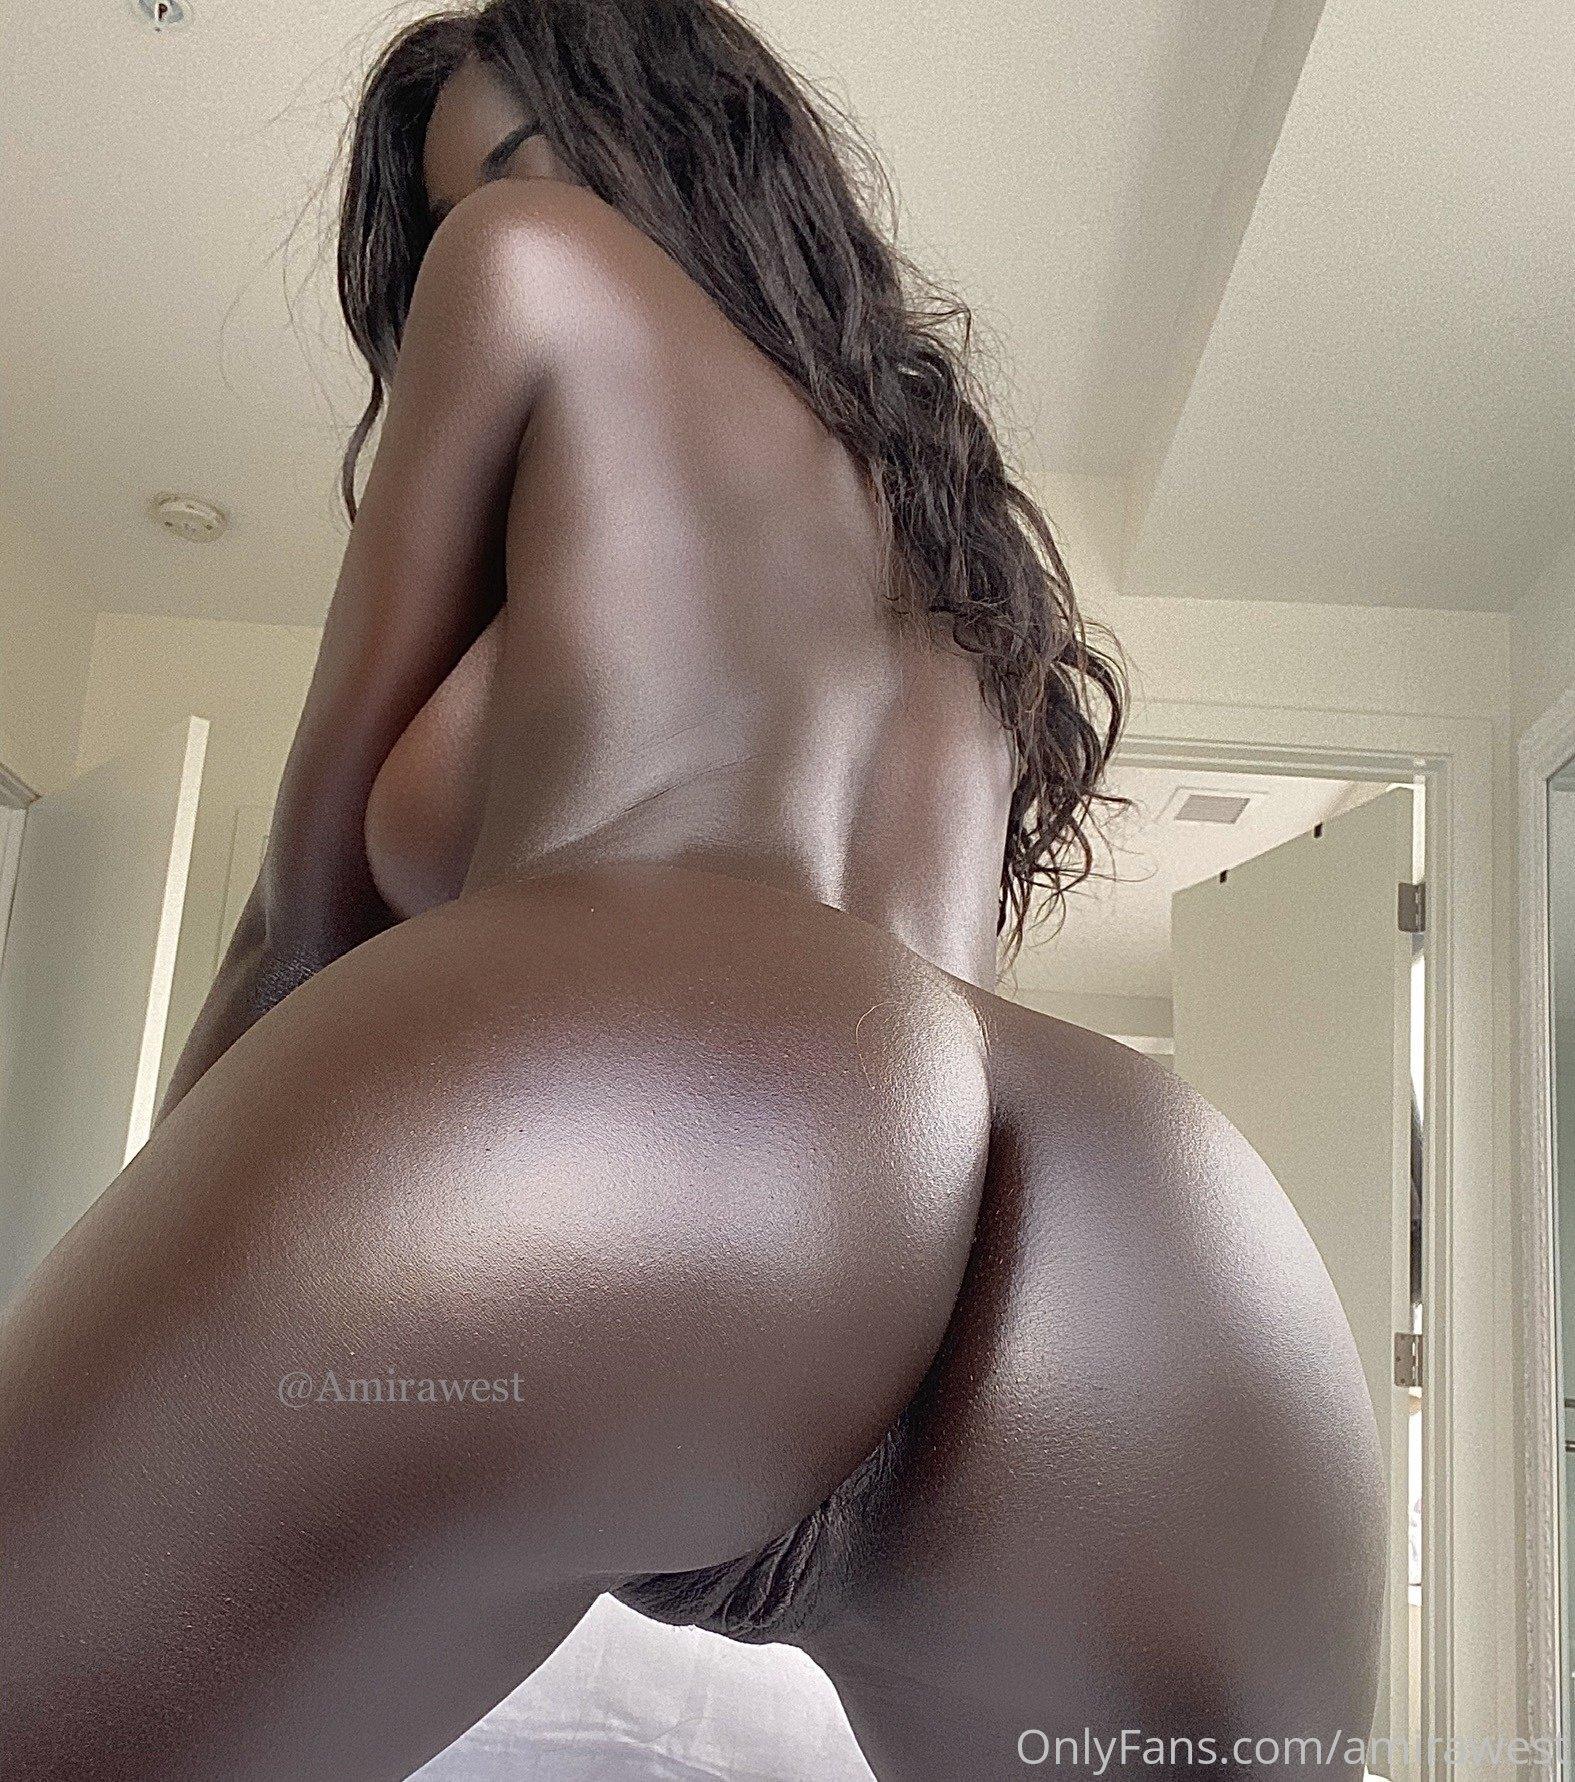 fotos chicas negras, Amira West, culos de negras, culitos, onlyfans